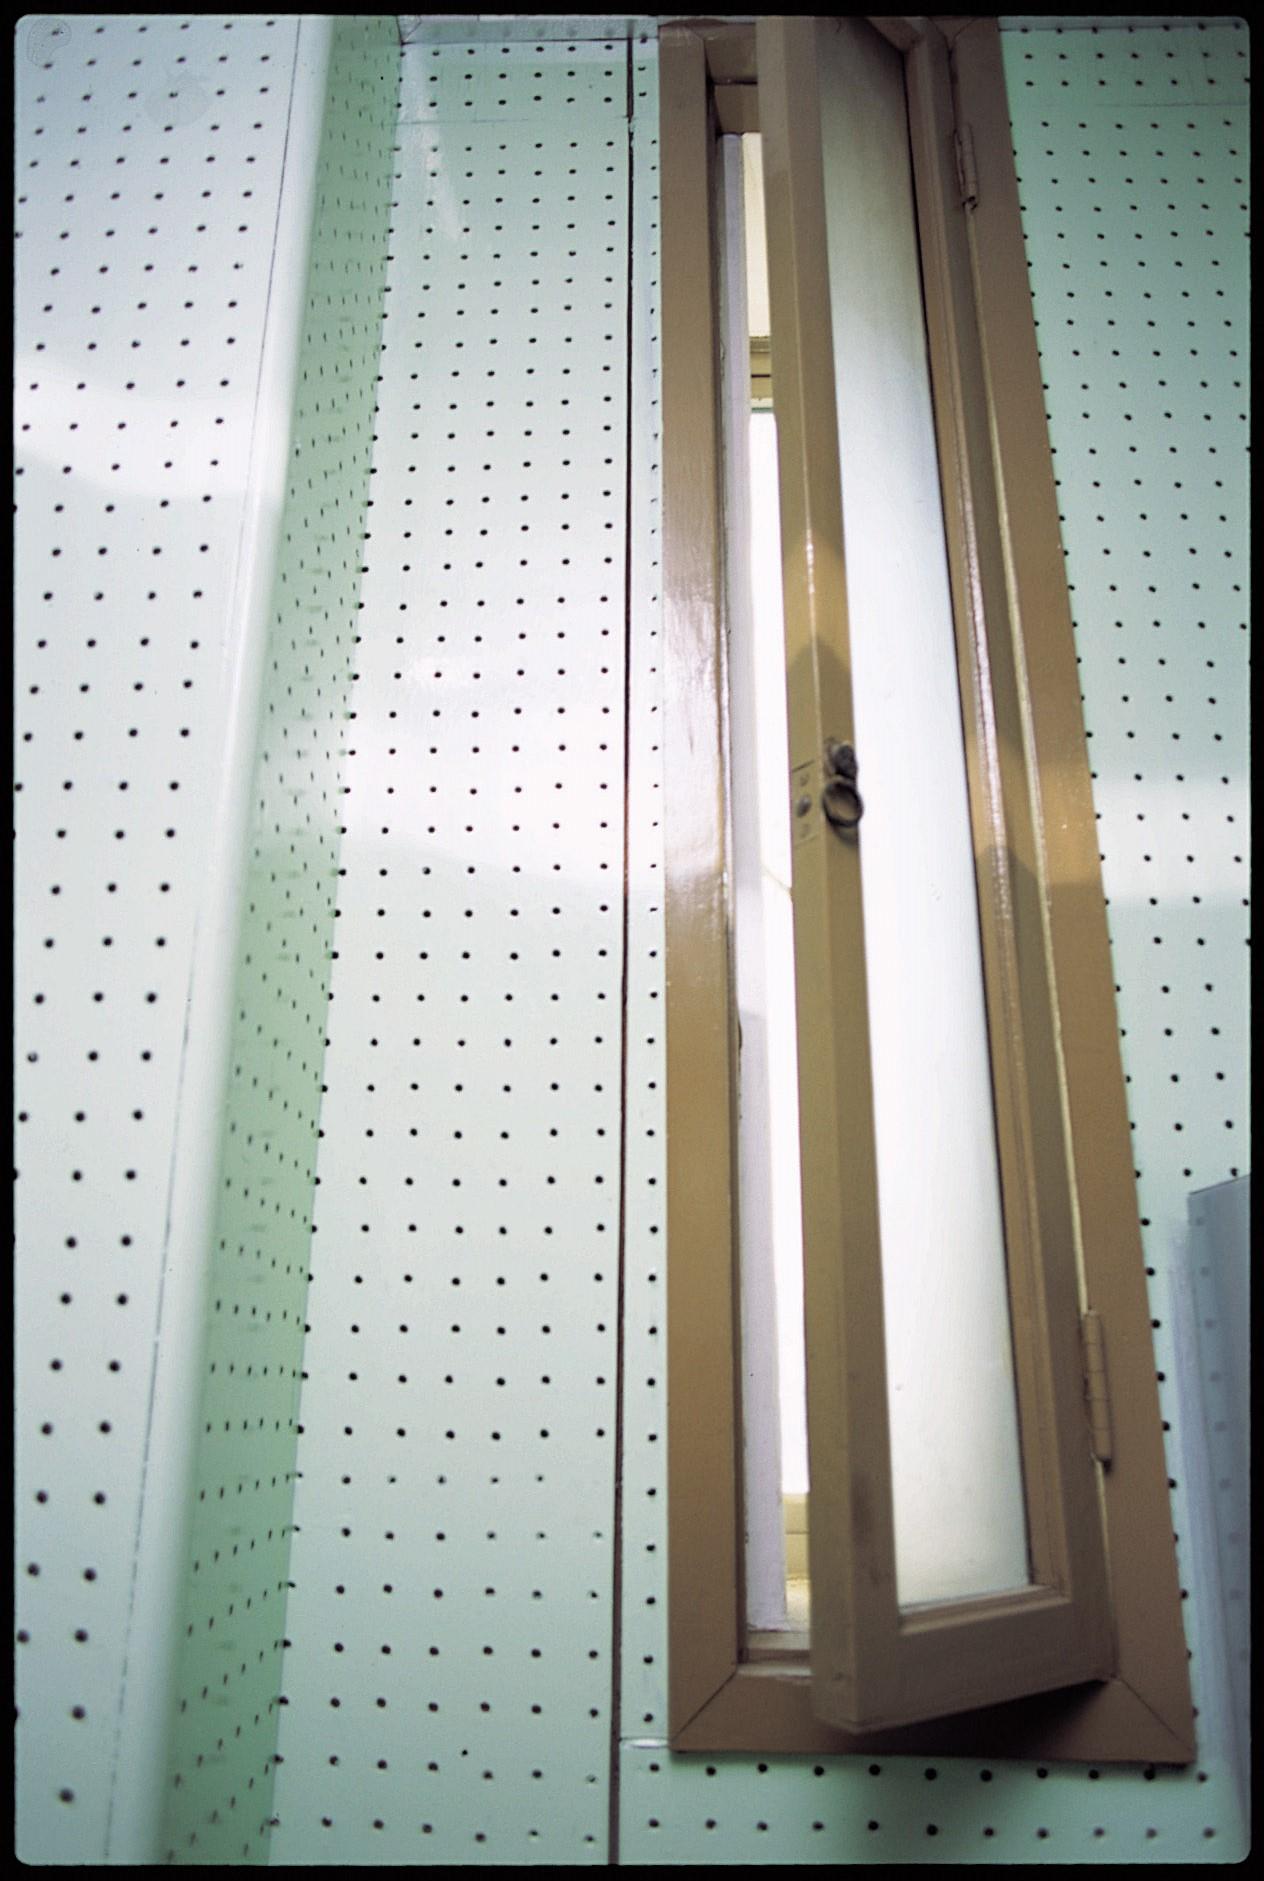 고문으로 얼룩진 오욕의 현장 '남영동 대공분실'을 찾아서 사진